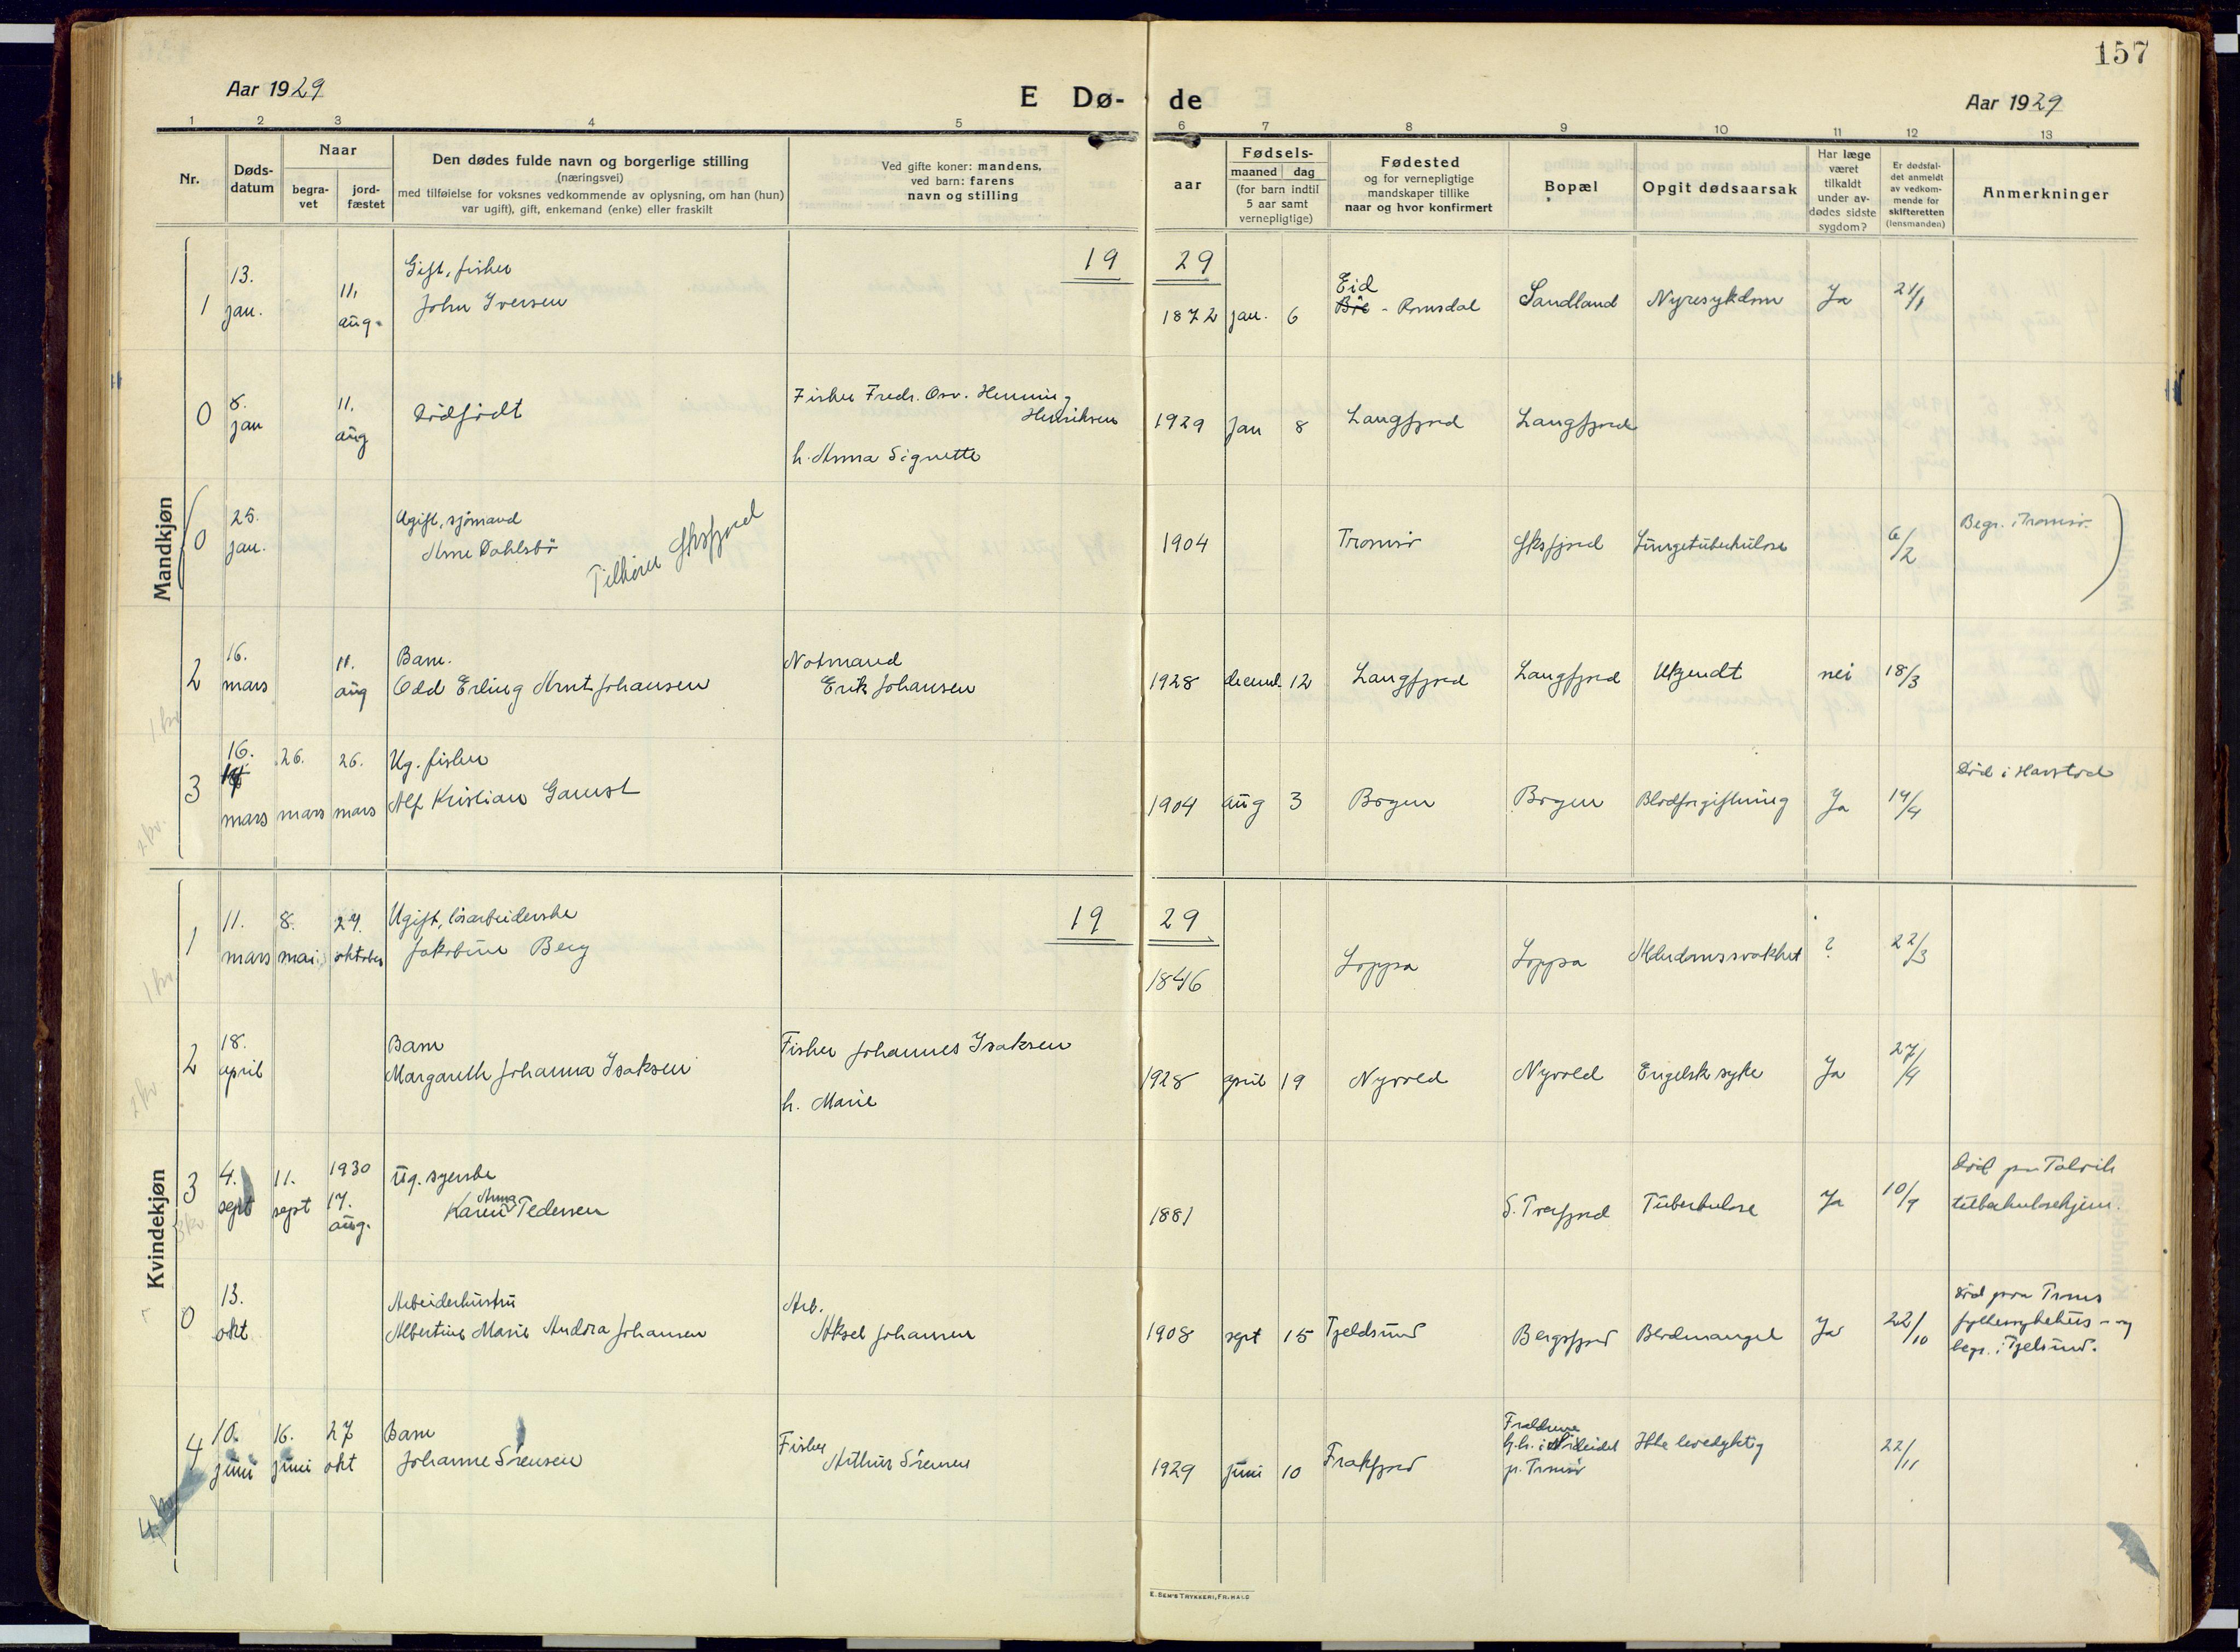 SATØ, Loppa sokneprestkontor, H/Ha/L0013kirke: Ministerialbok nr. 13, 1920-1932, s. 157